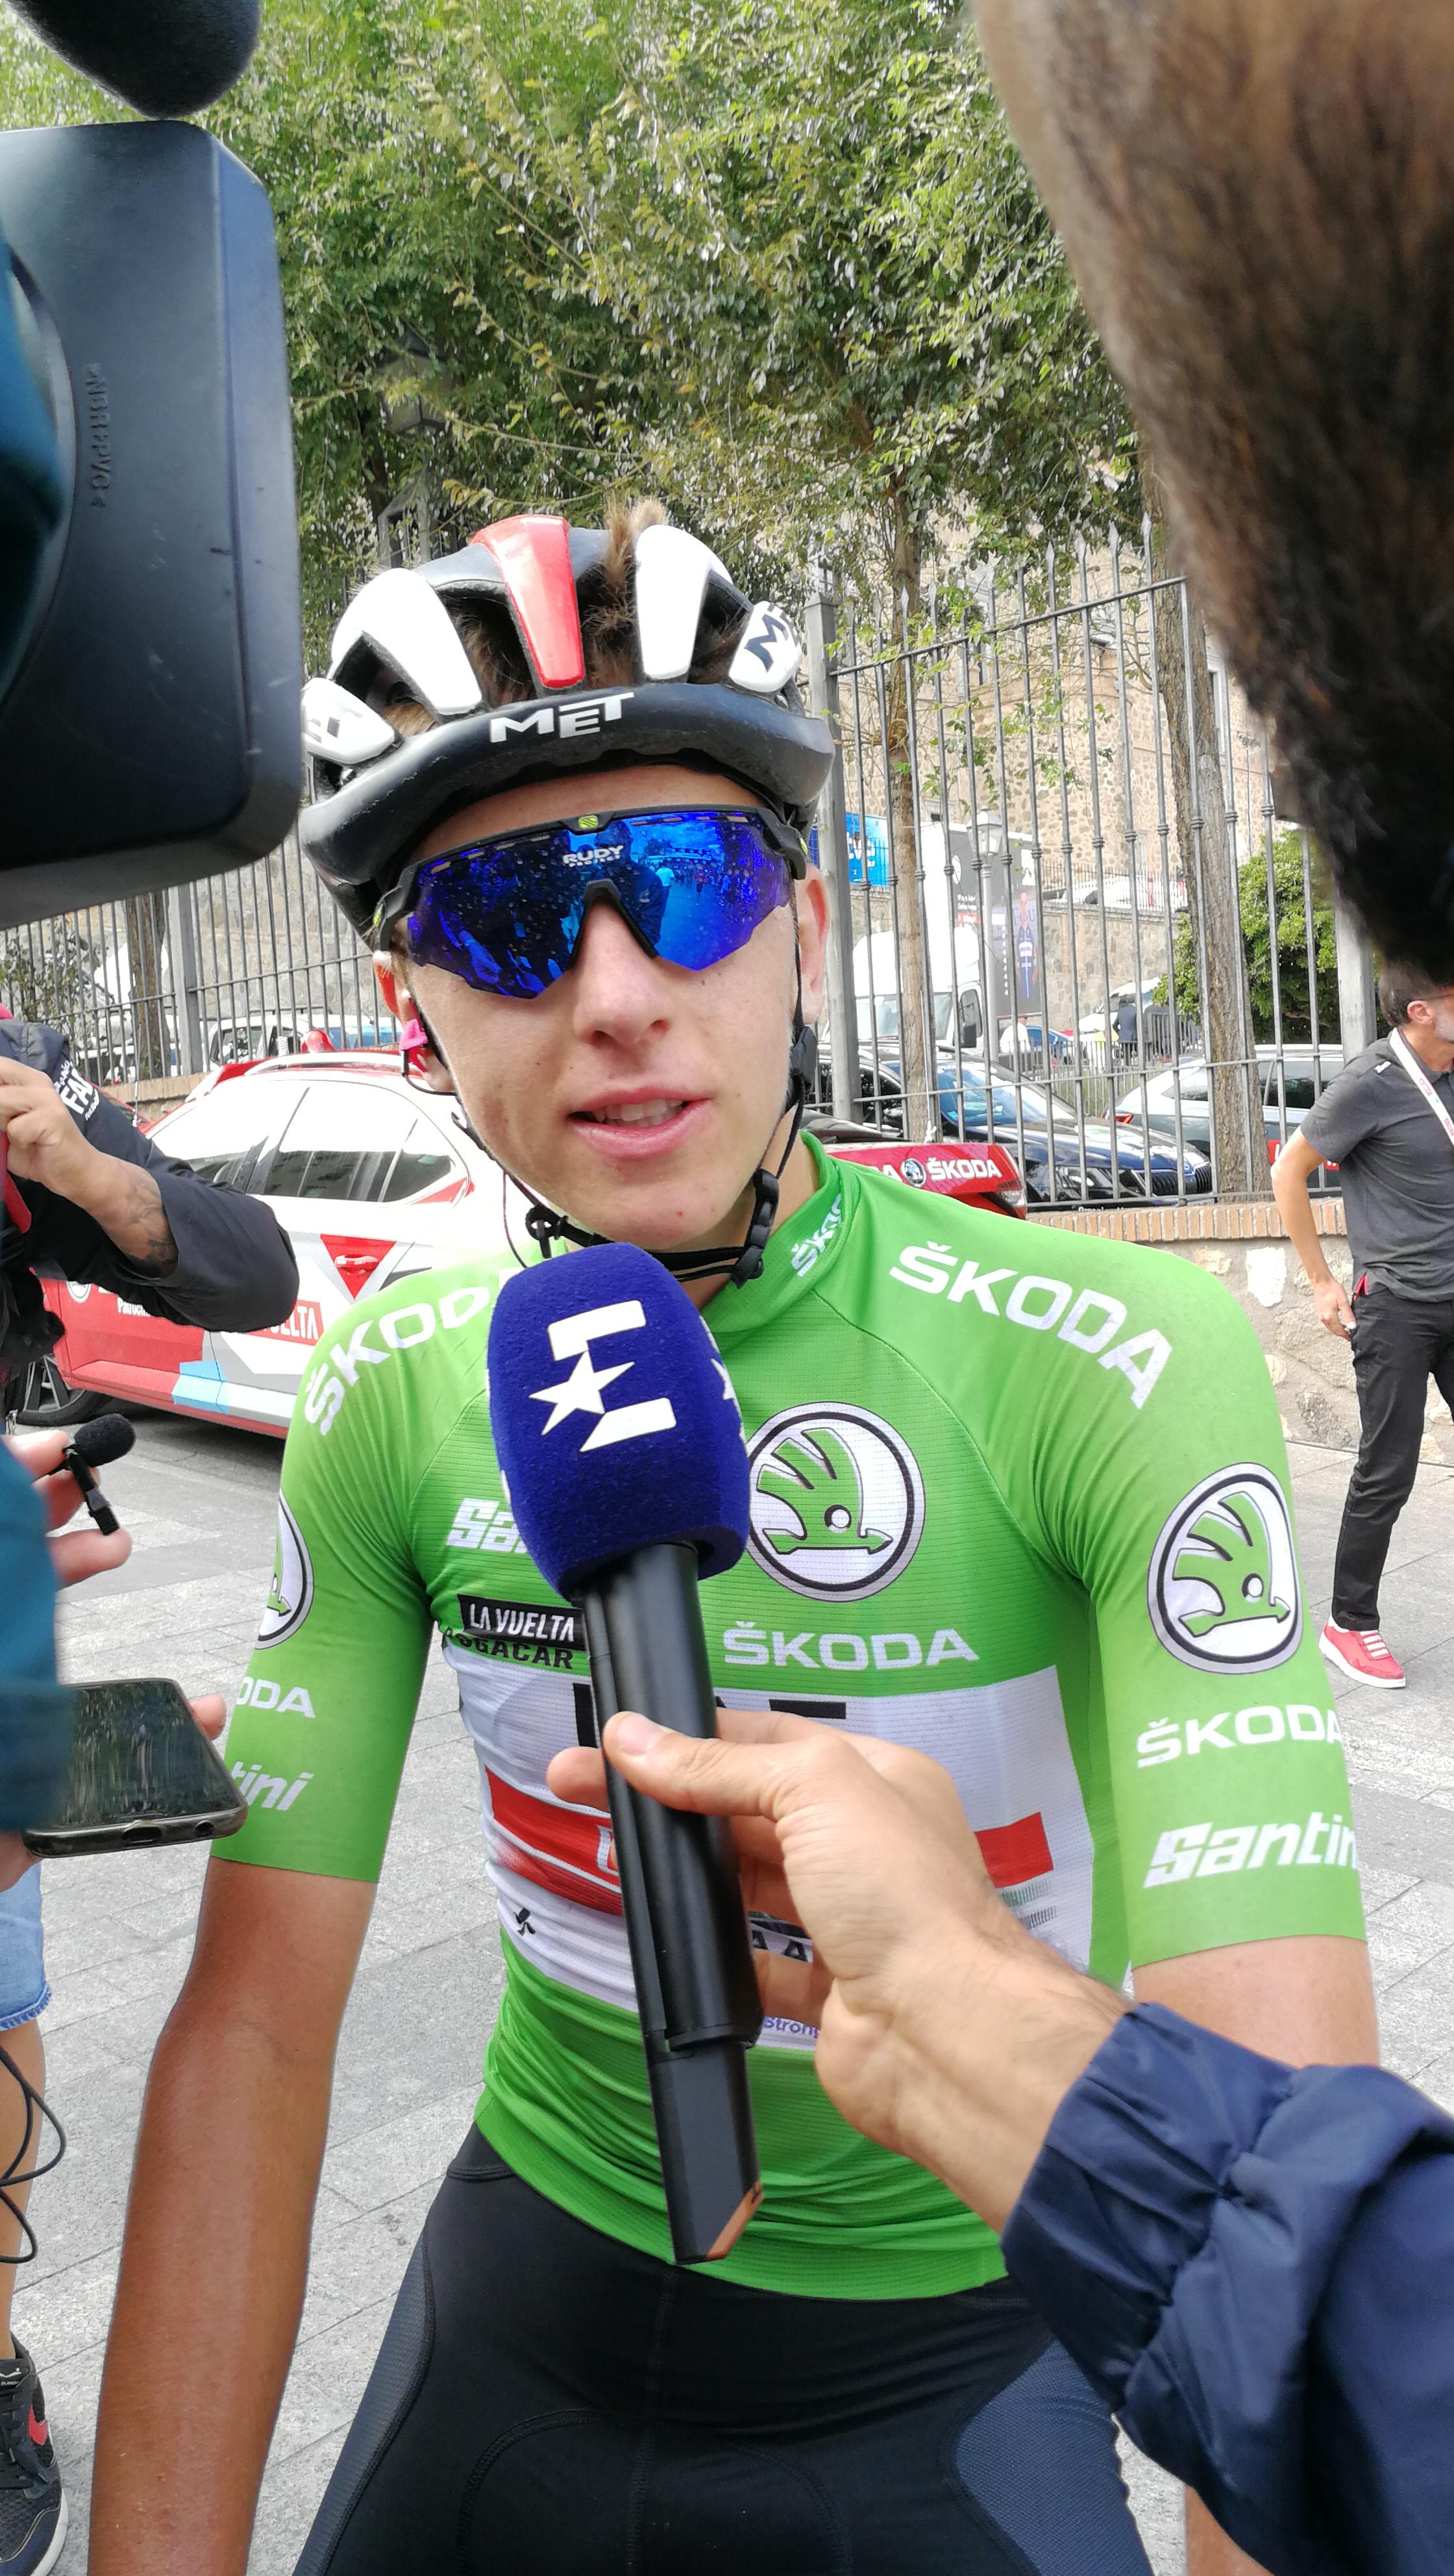 Sanjska Vuelta. Tadej Pogačar z epskim pobegom, Primož Roglič s suvereno vožnjo